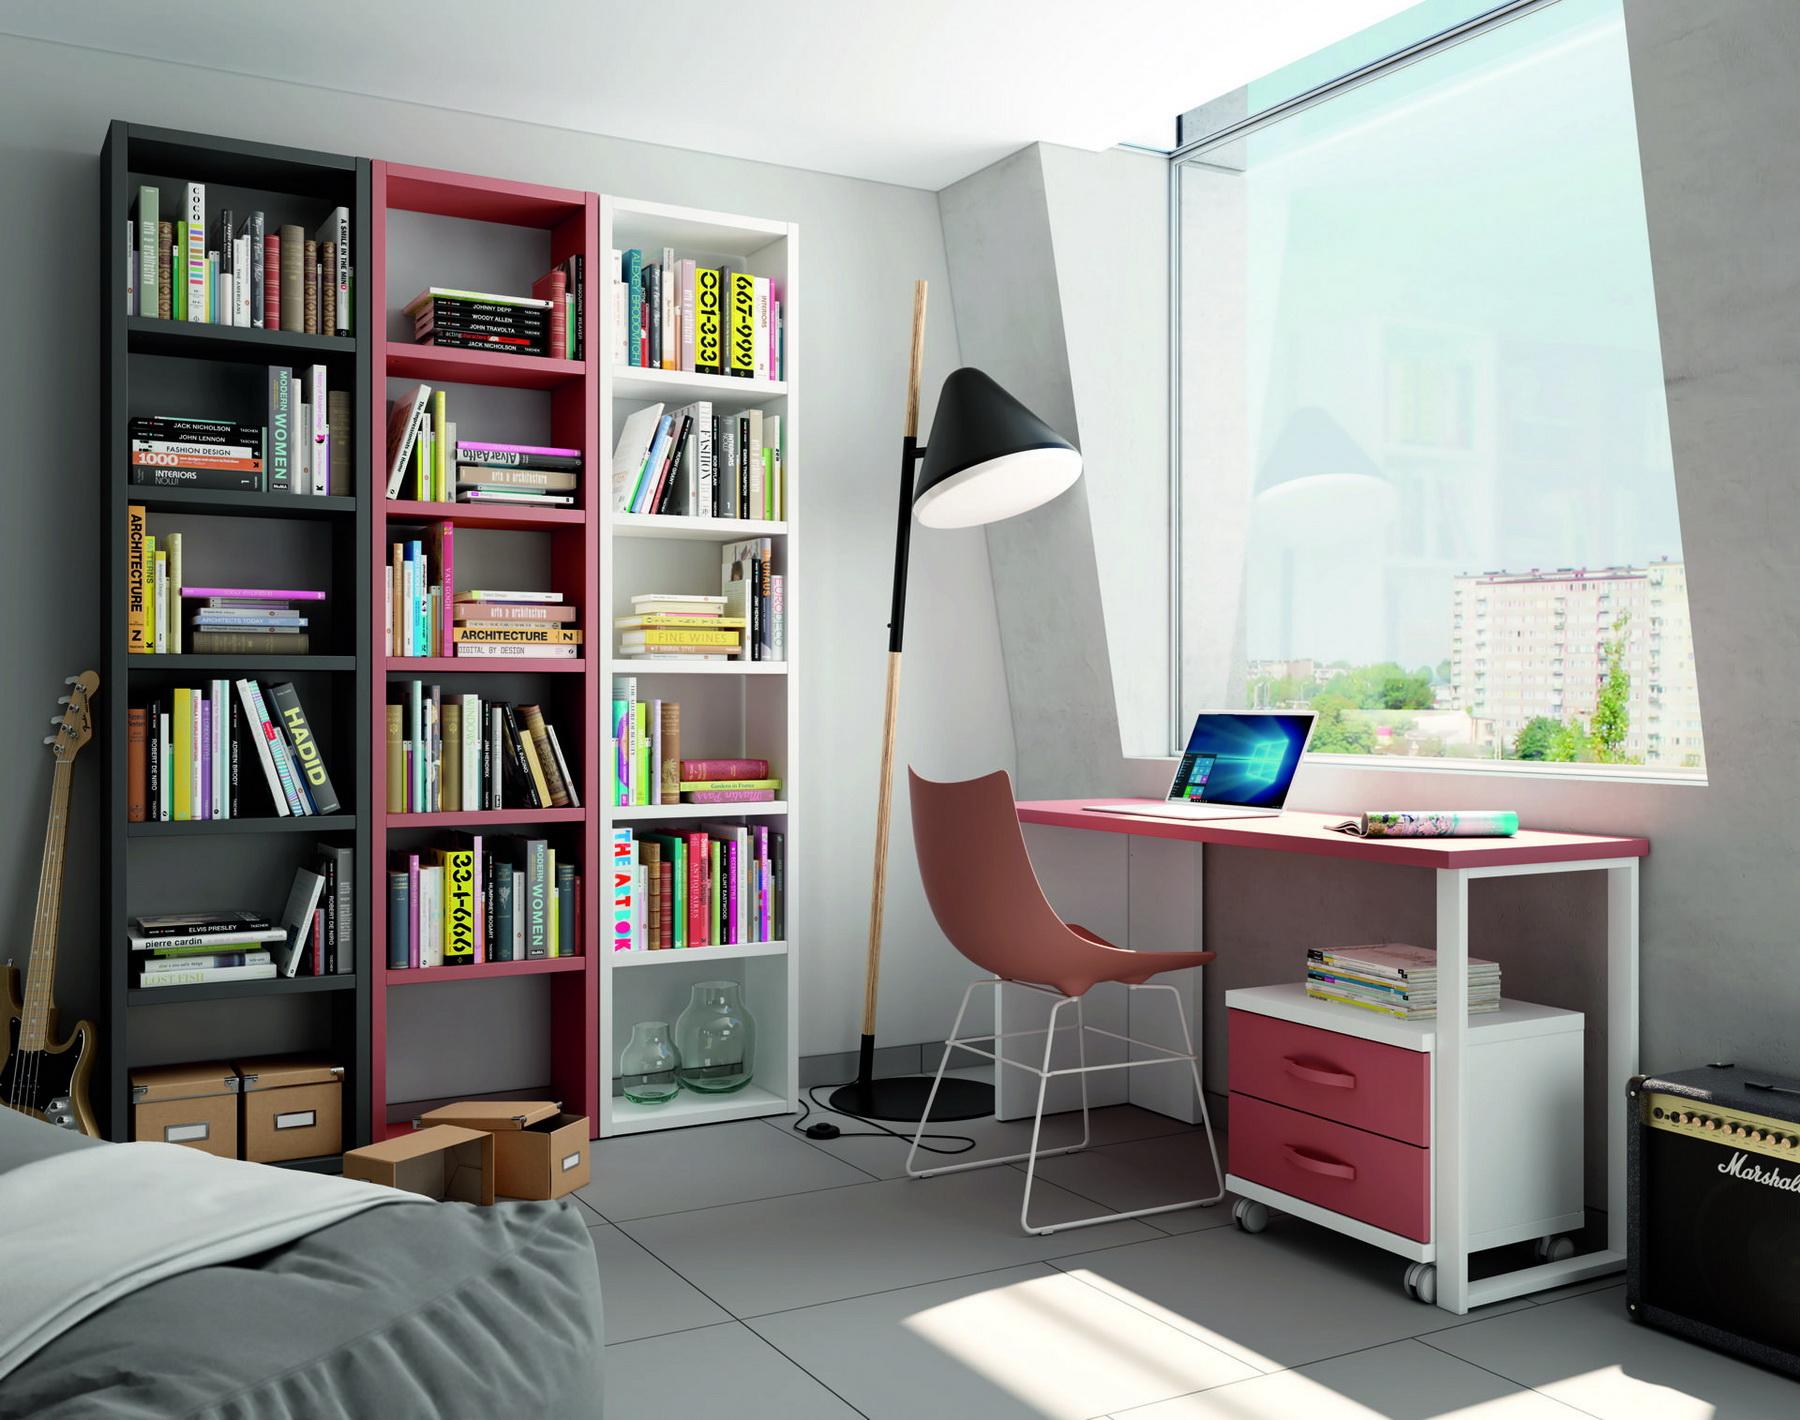 Mesas estudio lider by azor en muebles anto n le n for Muebles de cocina lider